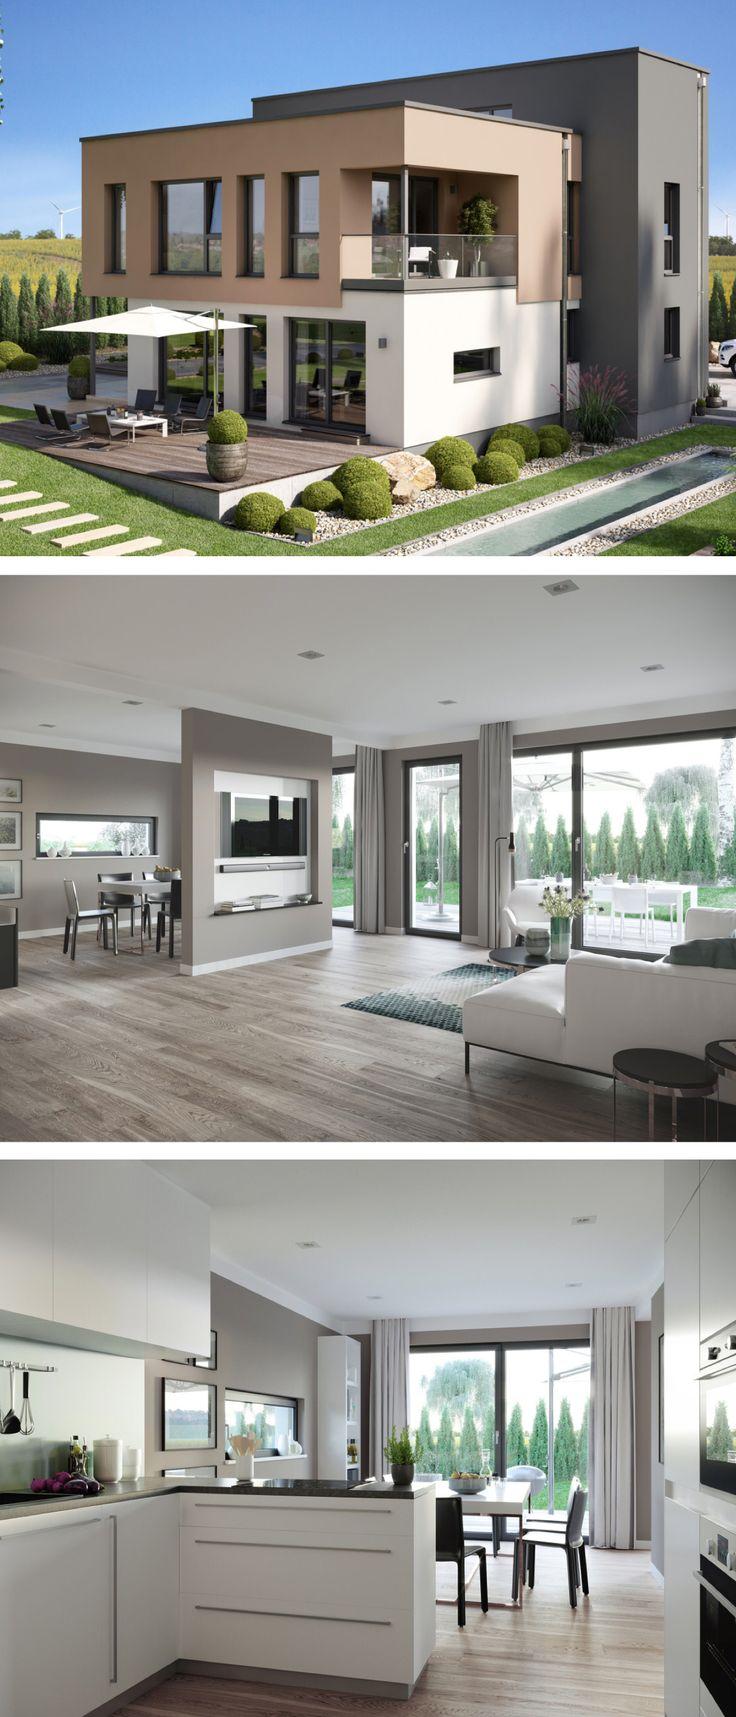 Moderne Stadtvilla im Bauhausstil mit Flachdach Architektur & Garage – Haus bauen Einfamilienhaus Concept-M 198 Bien Zenker Fertighaus Ideen – HausbauDirekt.de